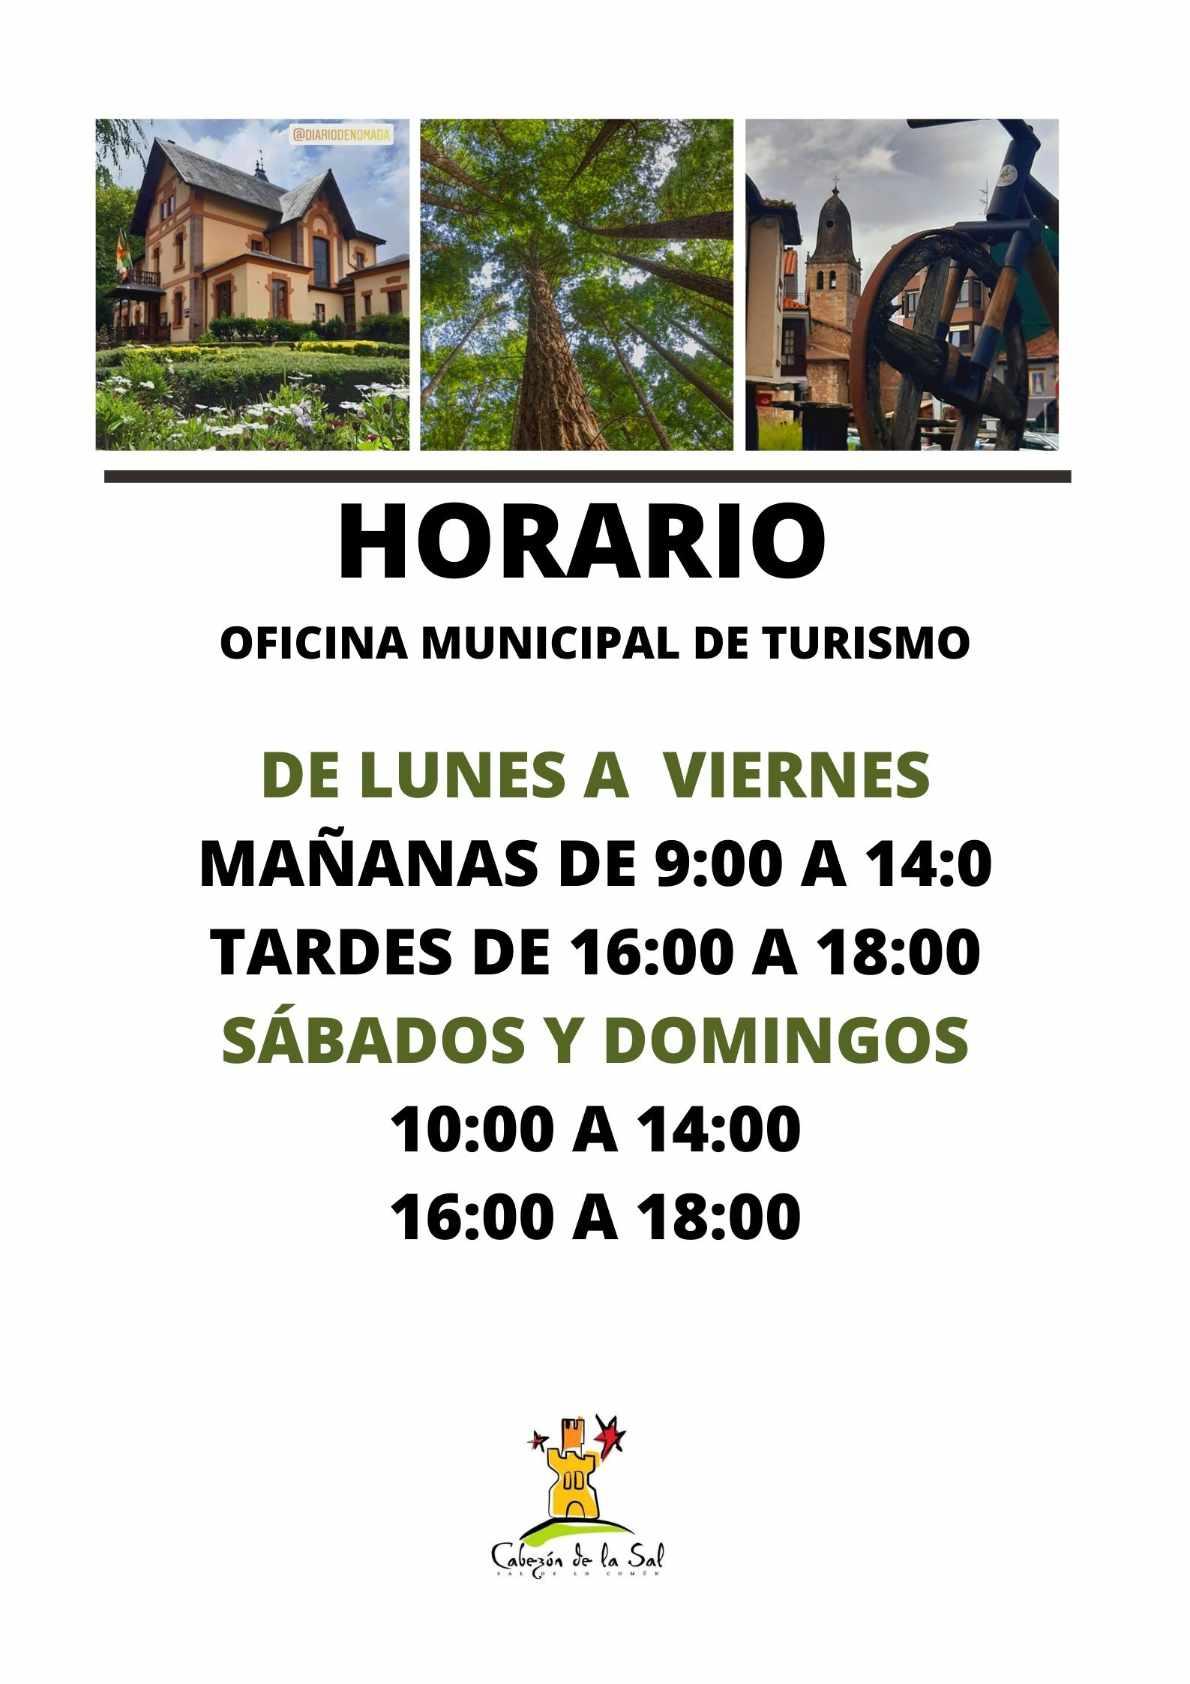 Horario Oficina de Turismo